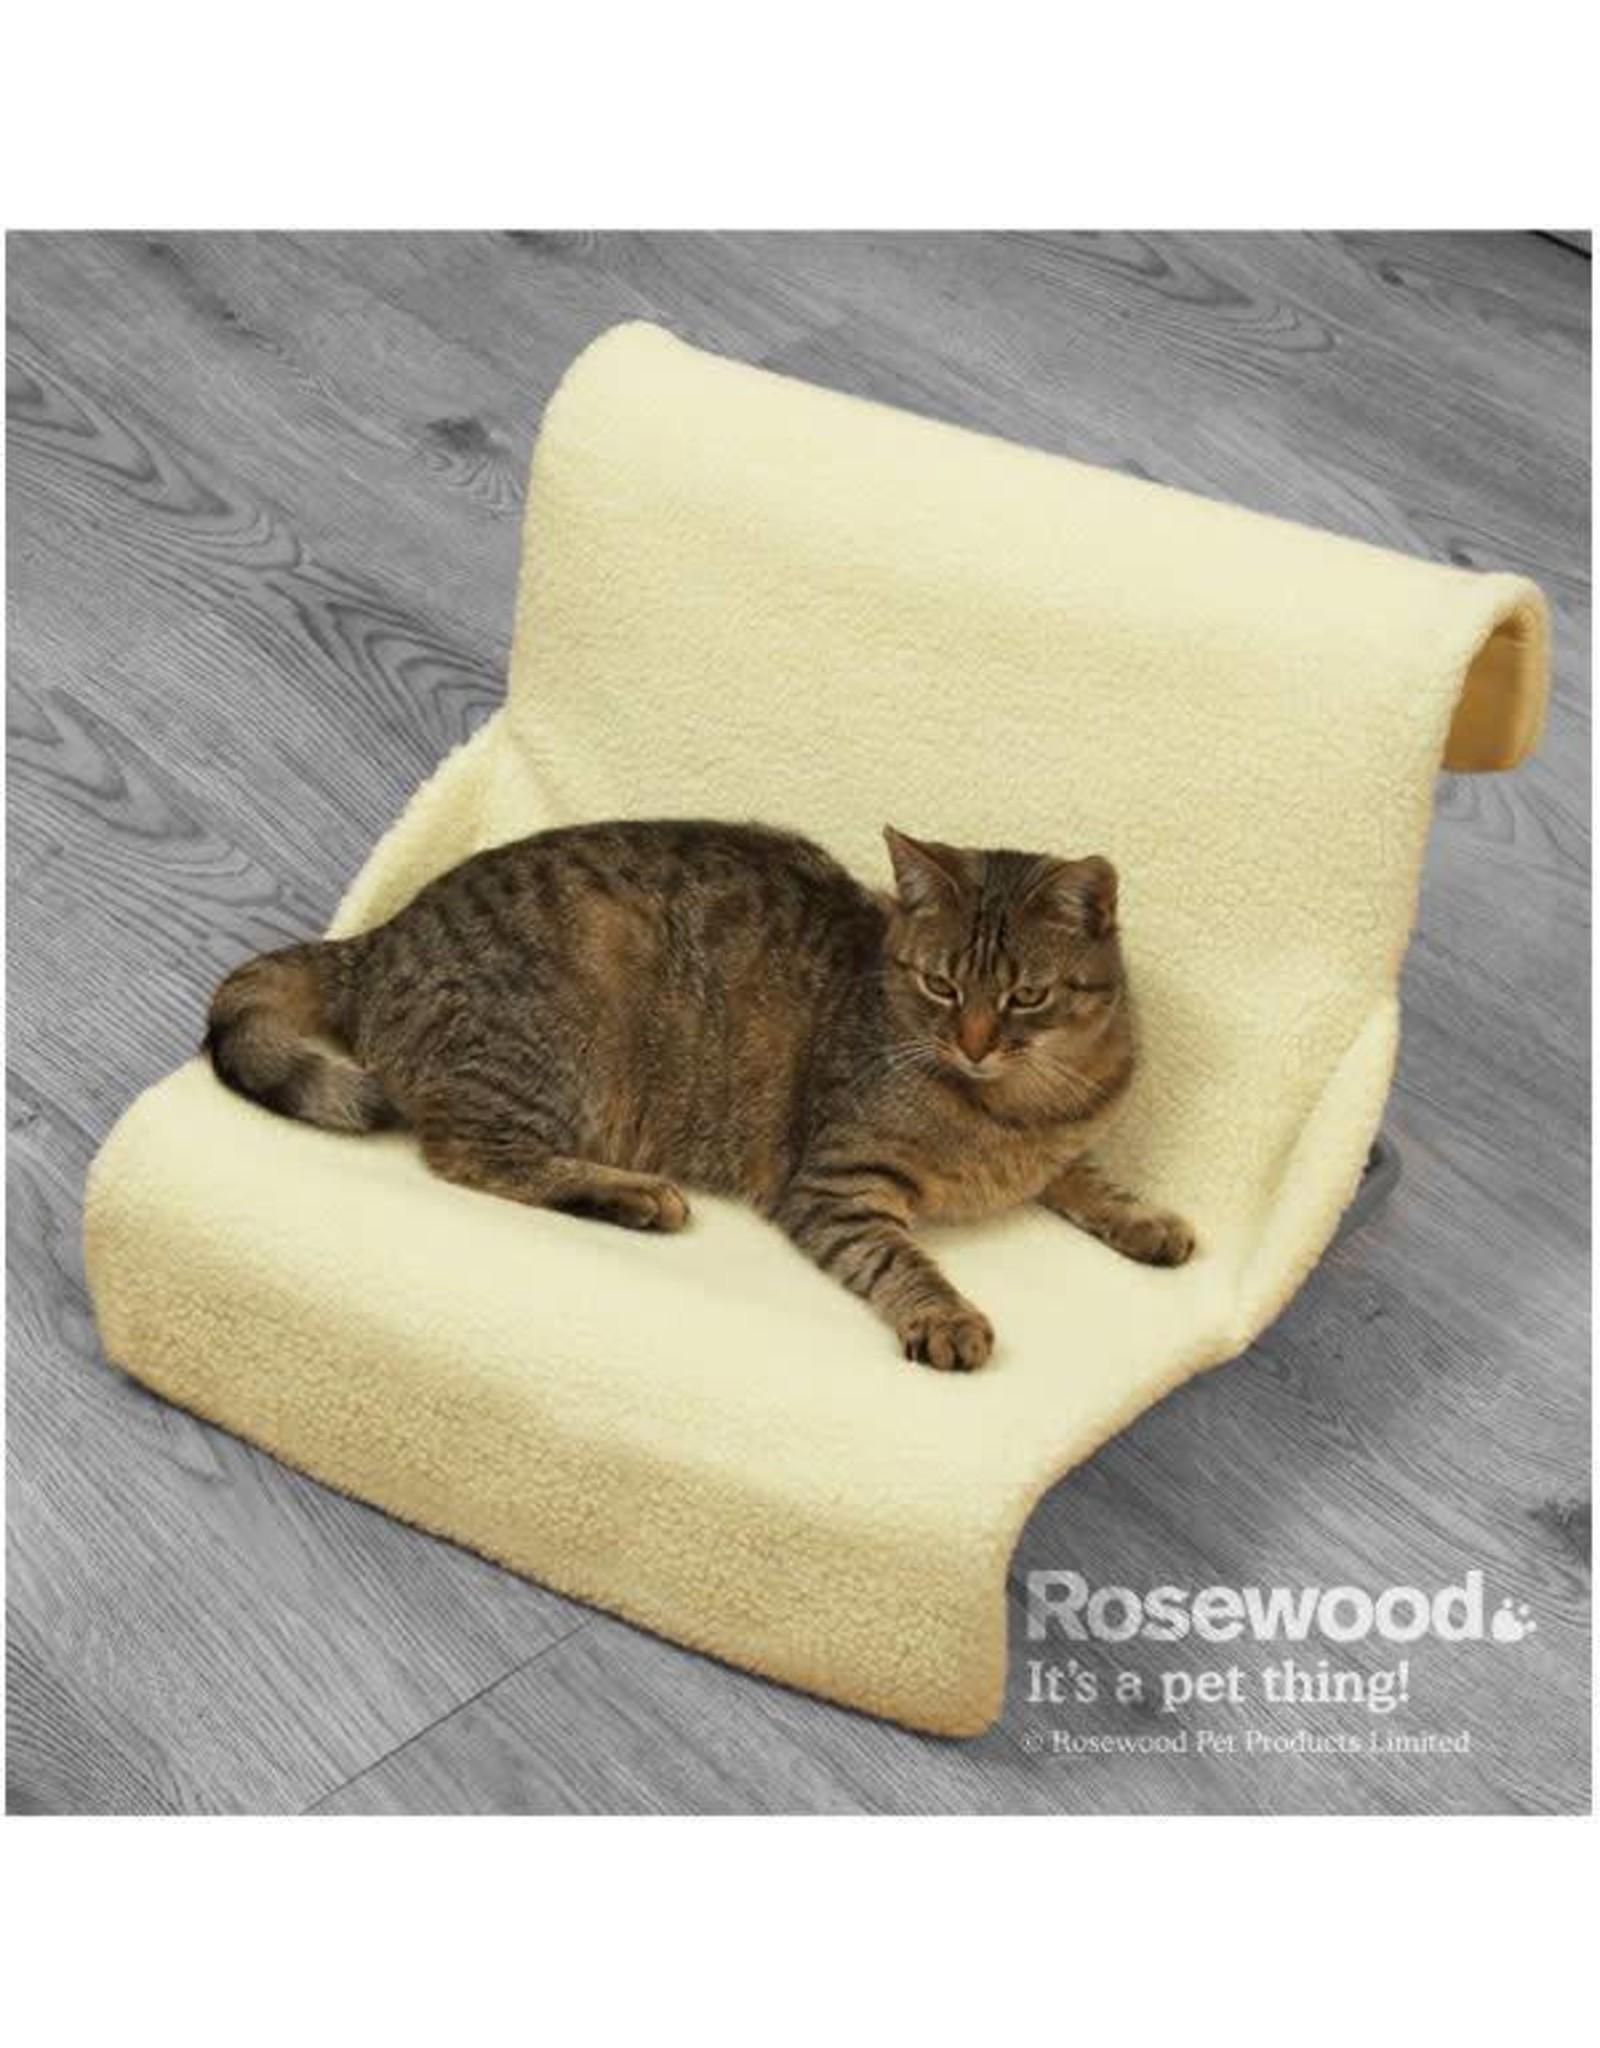 Rosewood 2 in 1 Radiator & Floor Cat Bed